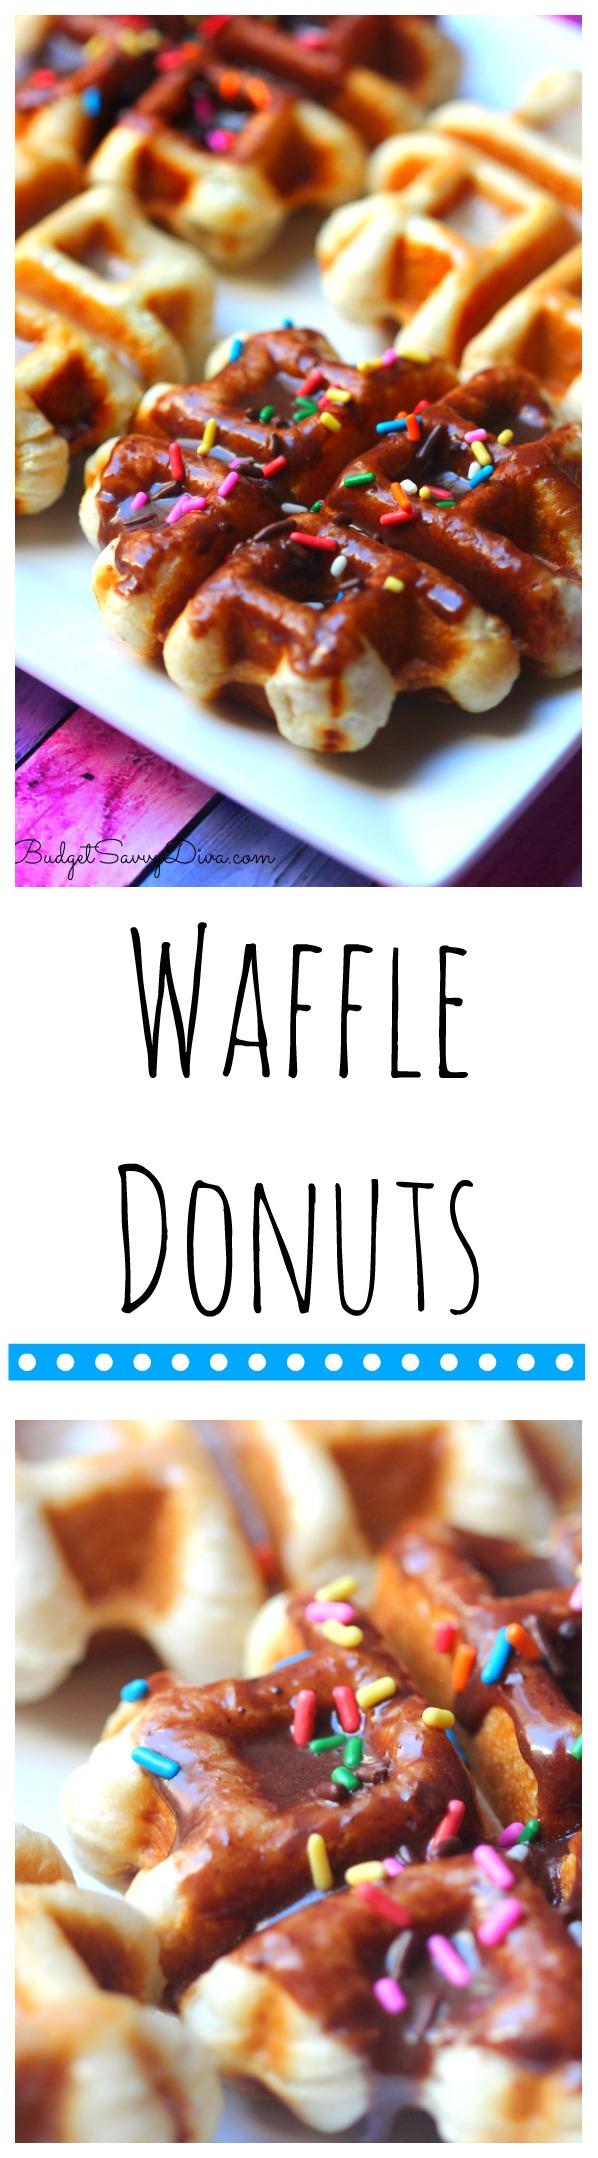 Waffle Donuts Recipe